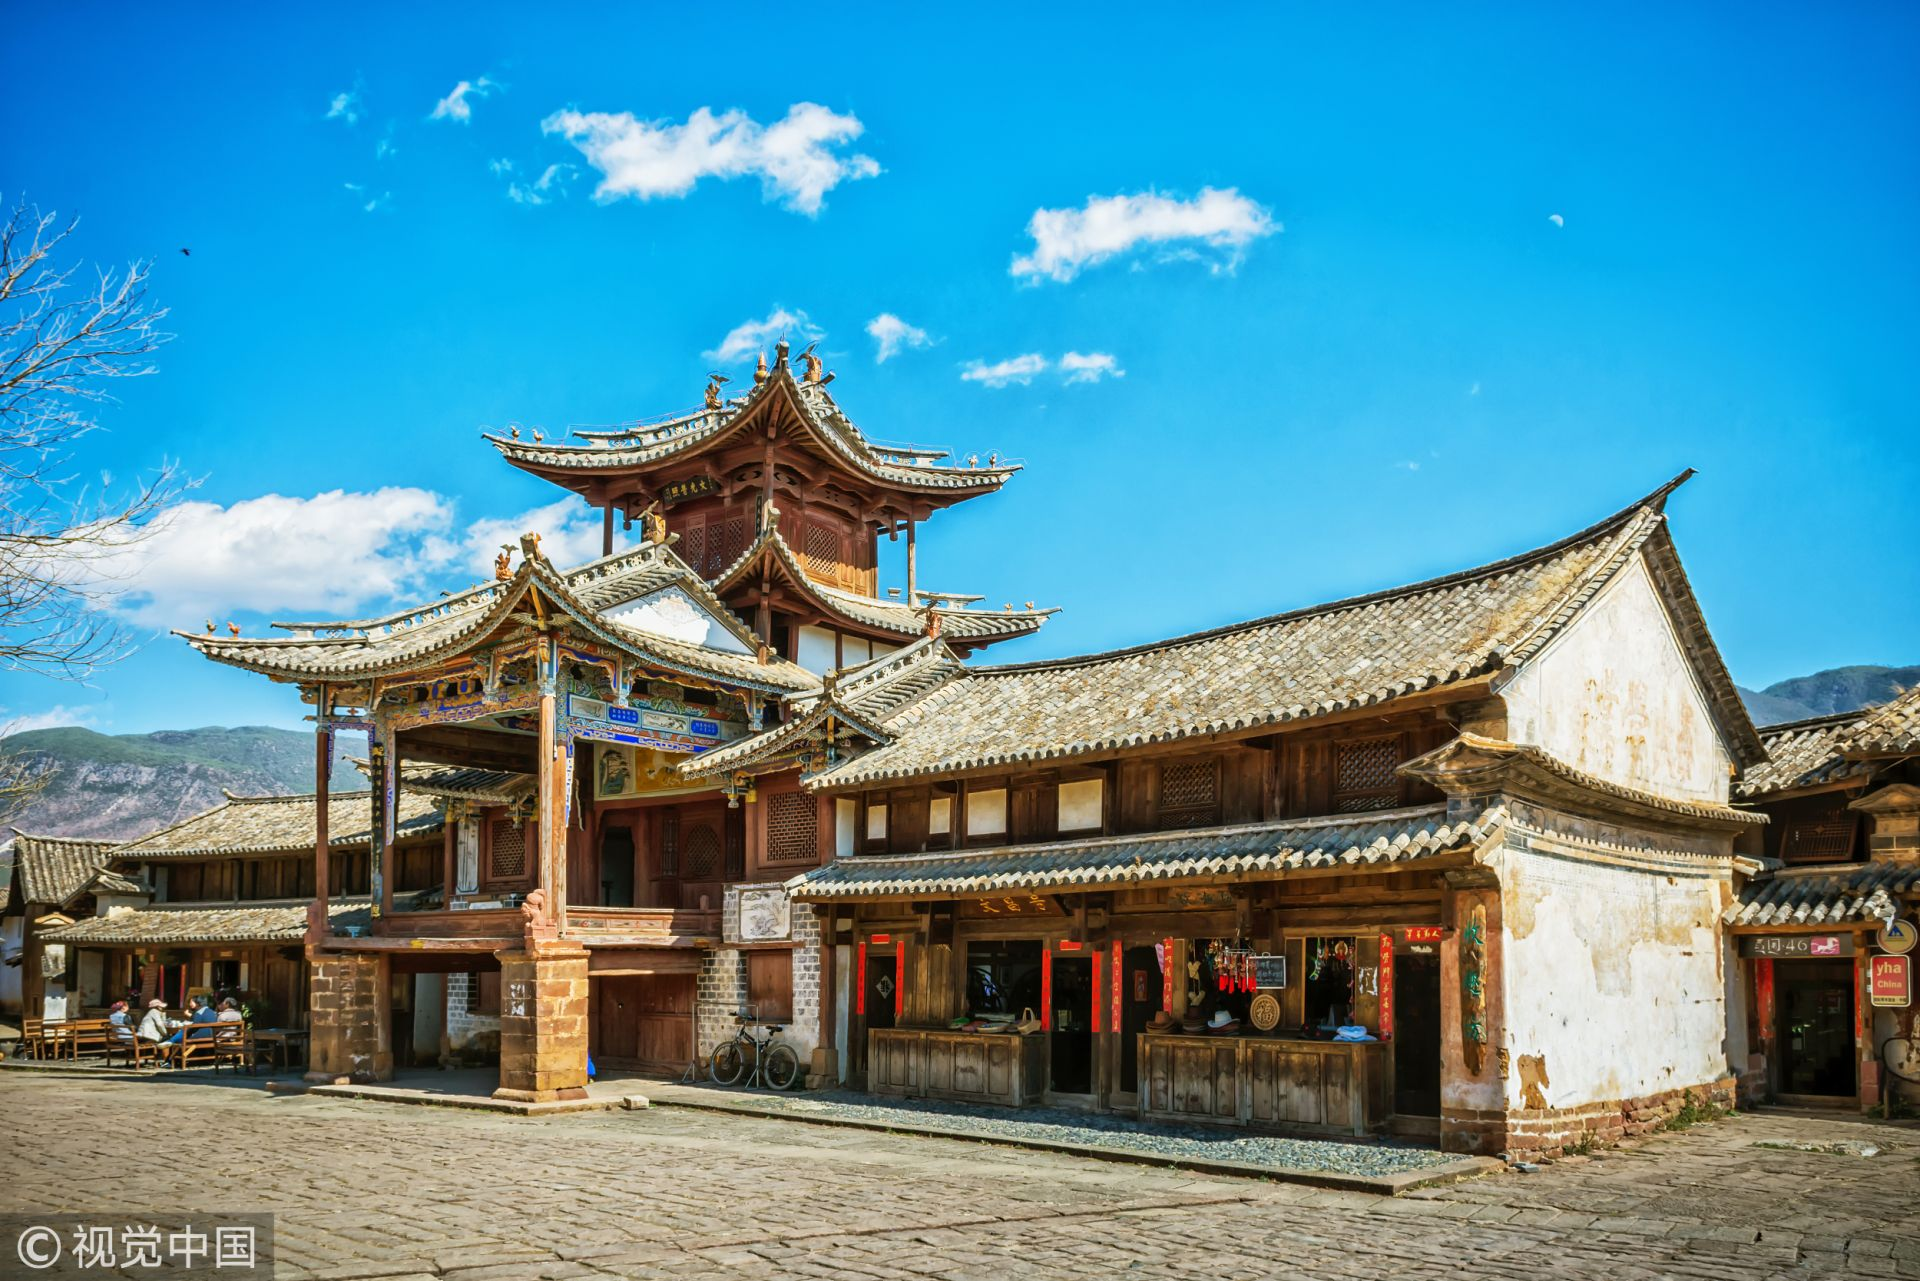 沙溪古戏台,图片来源:视觉中国。